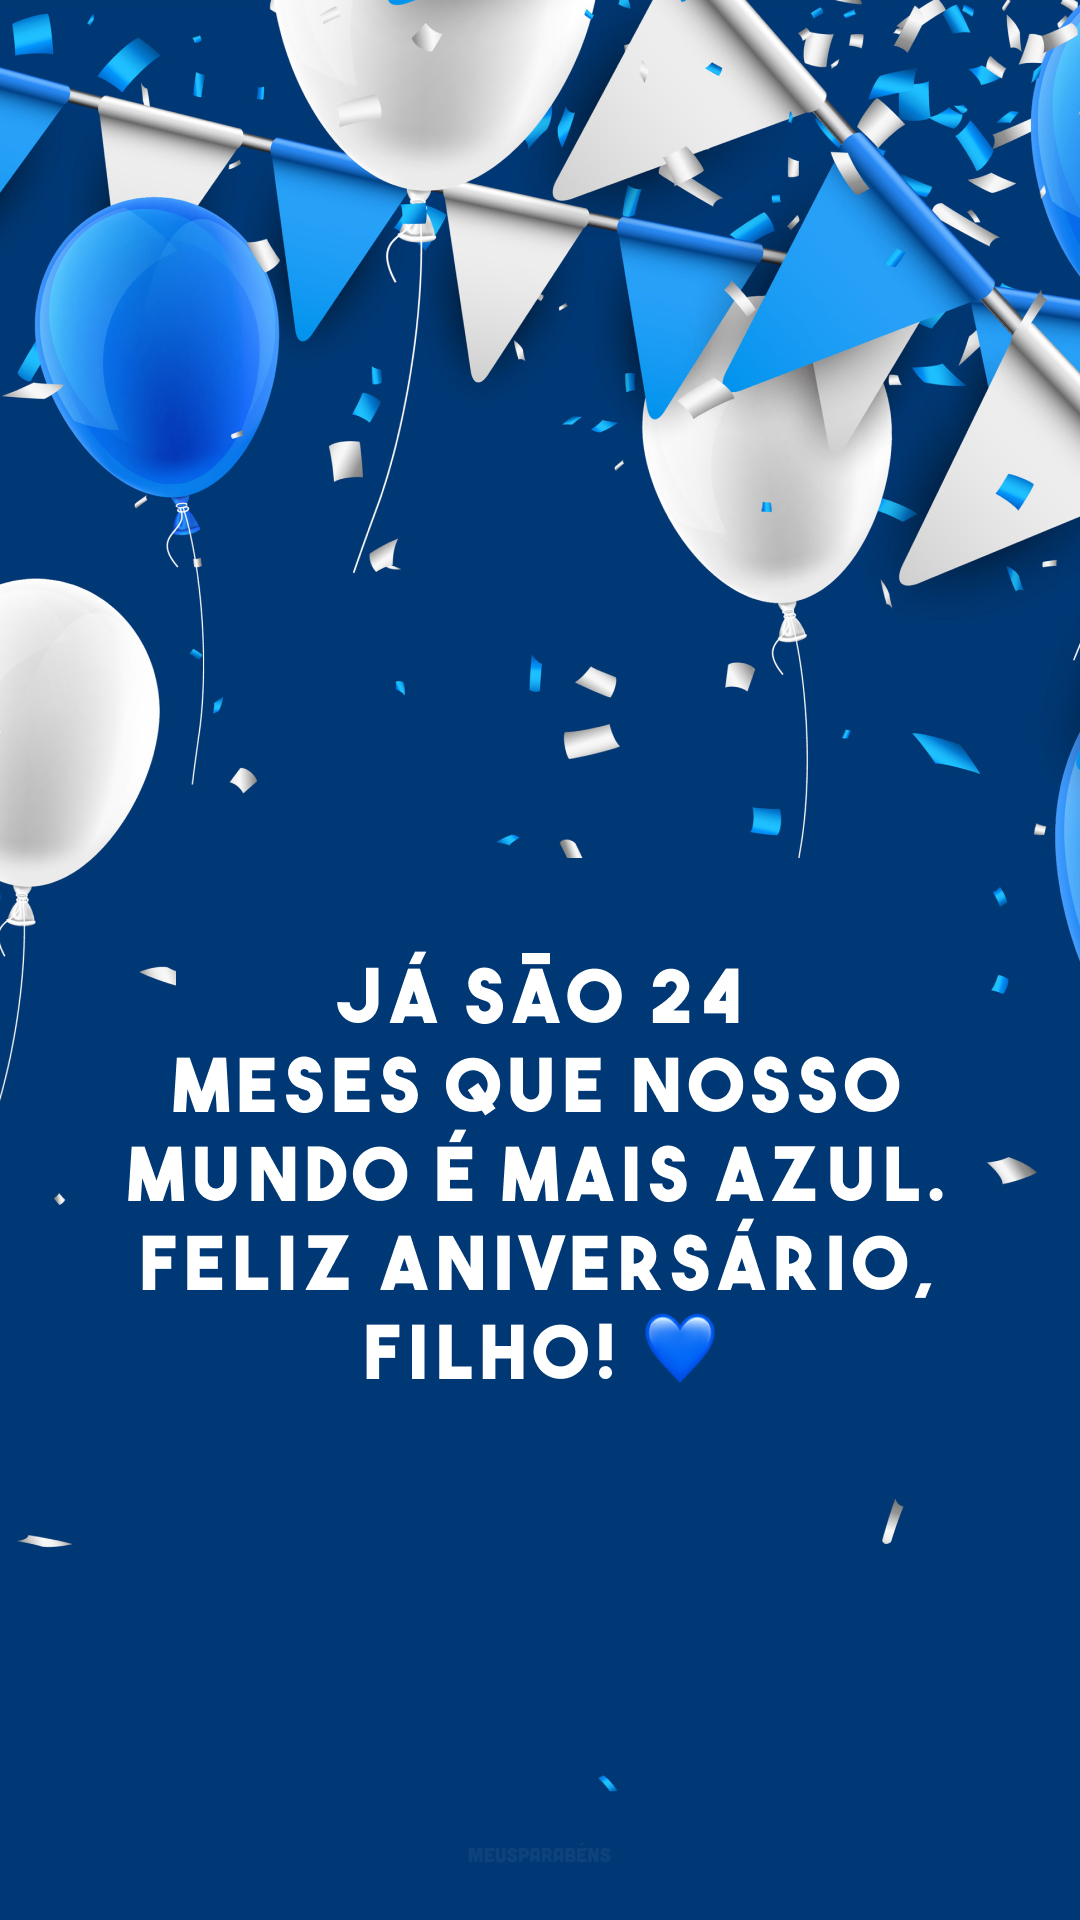 Já são 24 meses que nosso mundo é mais azul. Feliz aniversário, filho! 💙